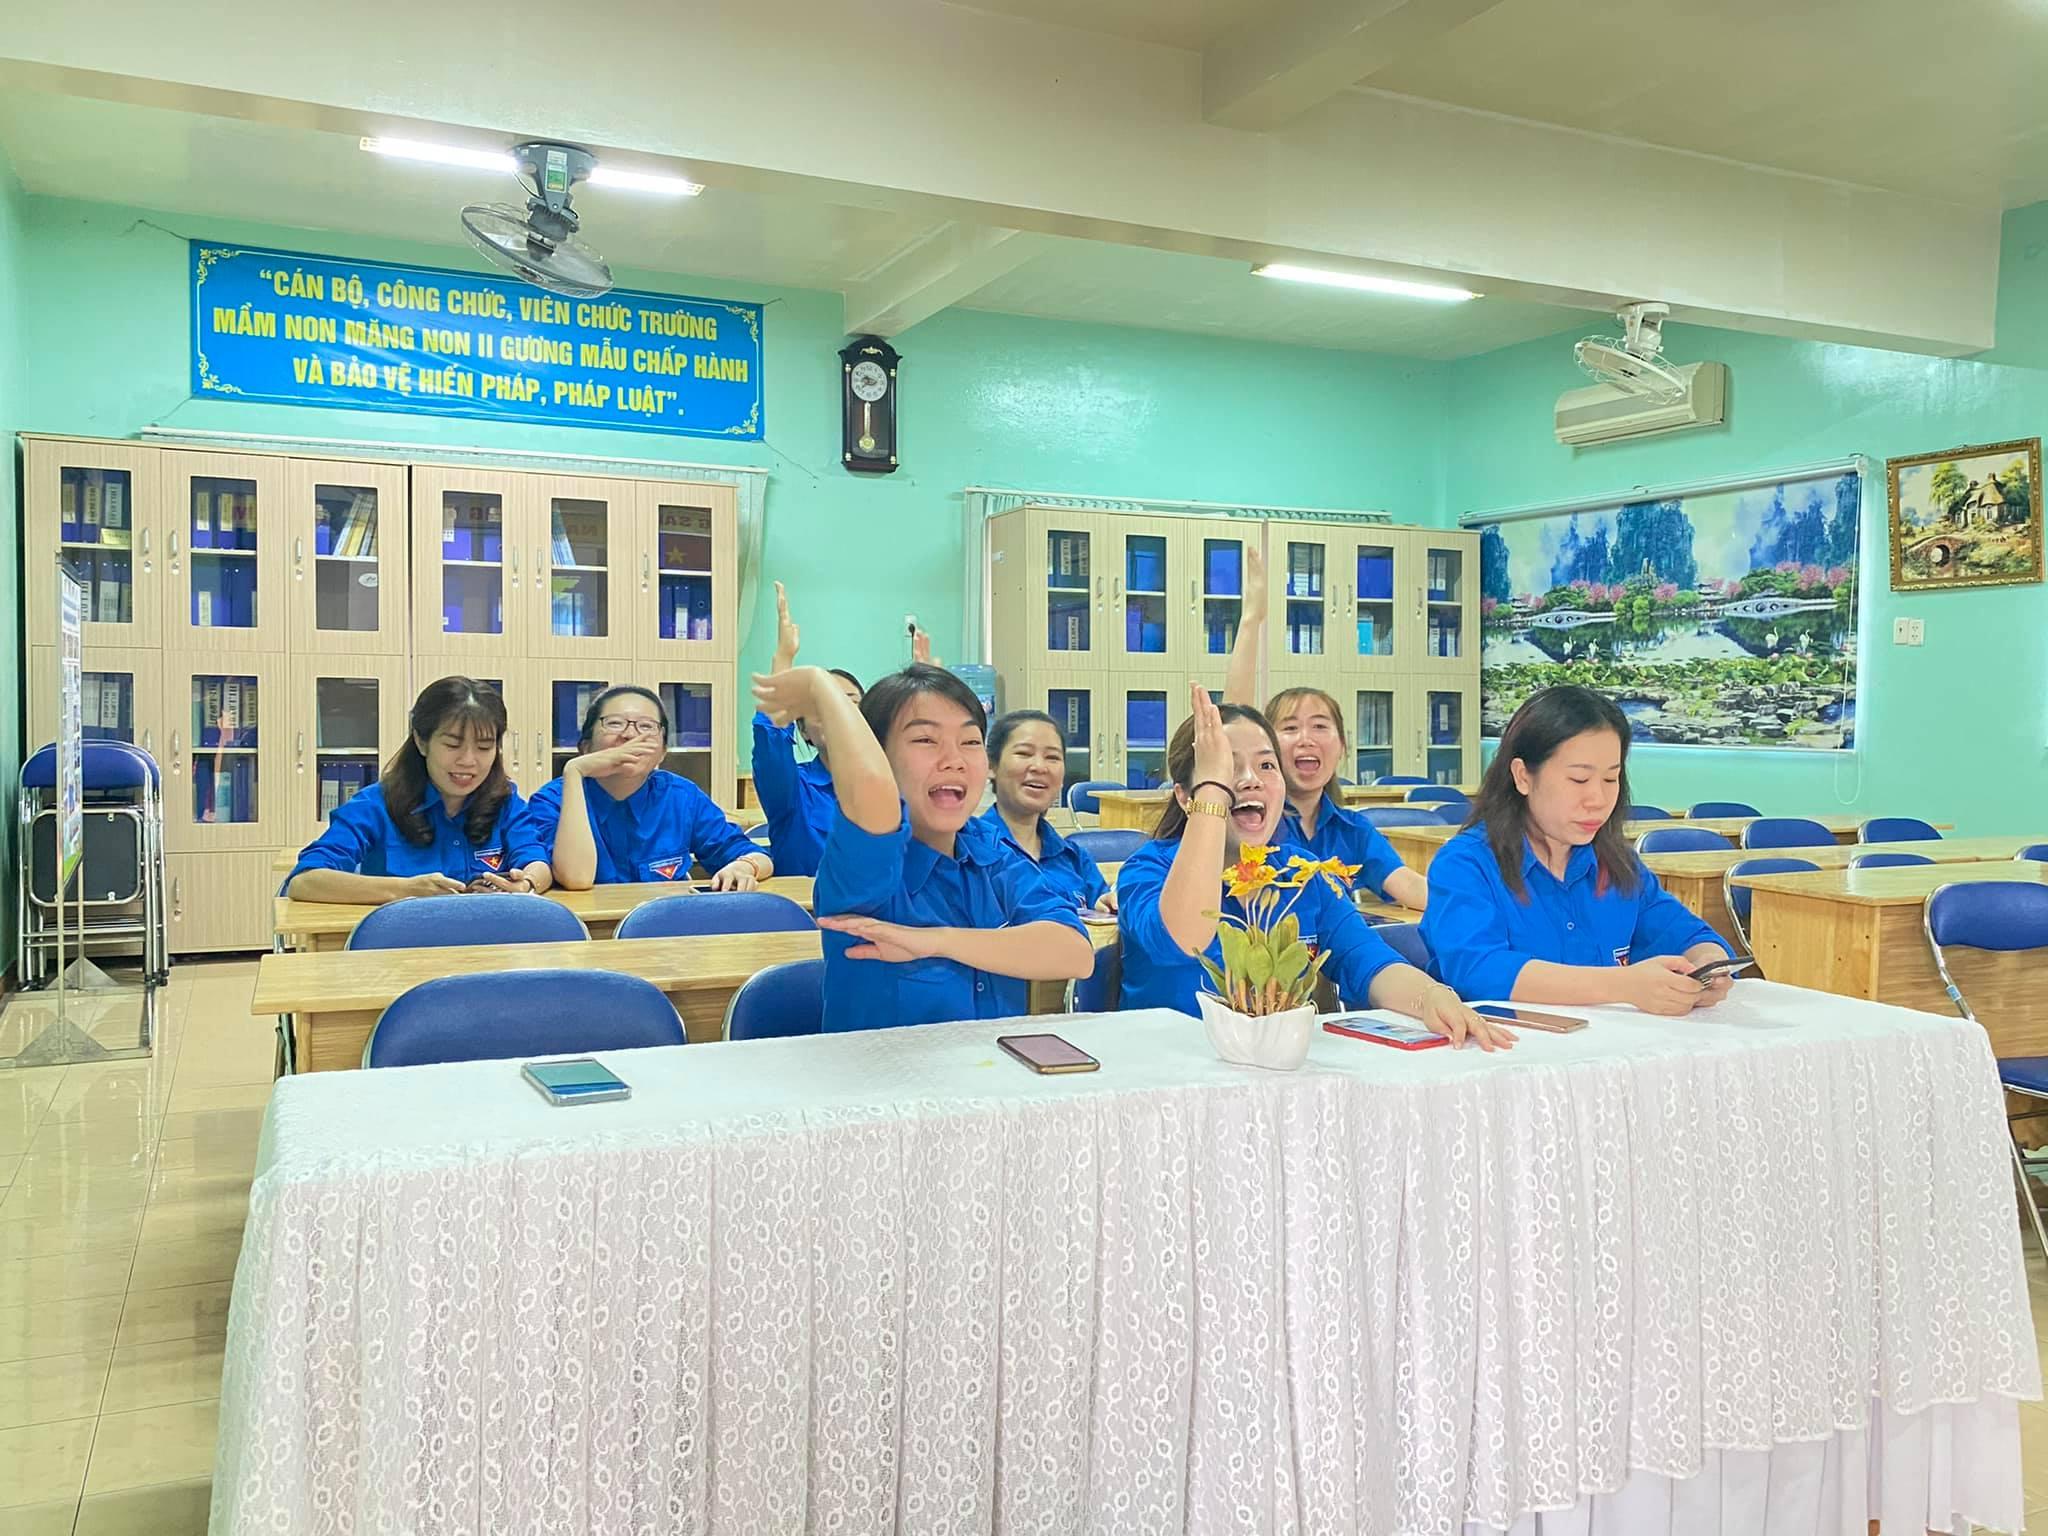 Đoàn Phường 6 - Các Chi đoàn tổ chức sinh hoạt chi đoàn chủ điểm tháng 3.